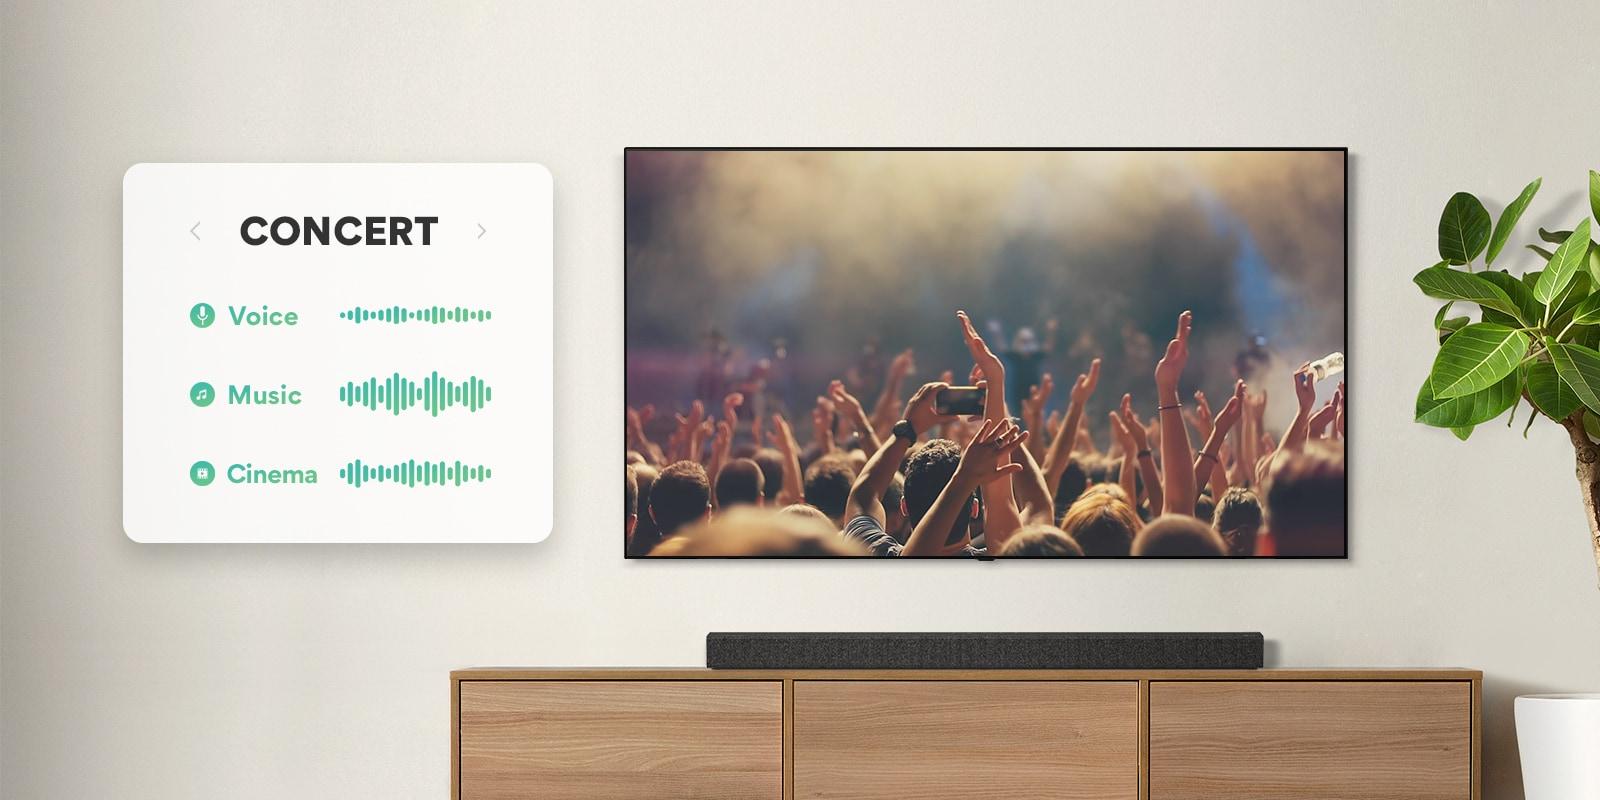 TV treo trên tường. TV thể hiện mọi người đang vỗ tay tại buổi hòa nhạc, kênh được chuyển sang cảnh phim với một chiếc xe đang chạy trong rừng, và kênh một lần nữa được chuyển sang Tin tức và một người dẫn chương trình đang nói. LG Soundbar nằm ngay bên dưới TV trên kệ màu be. (phát video)